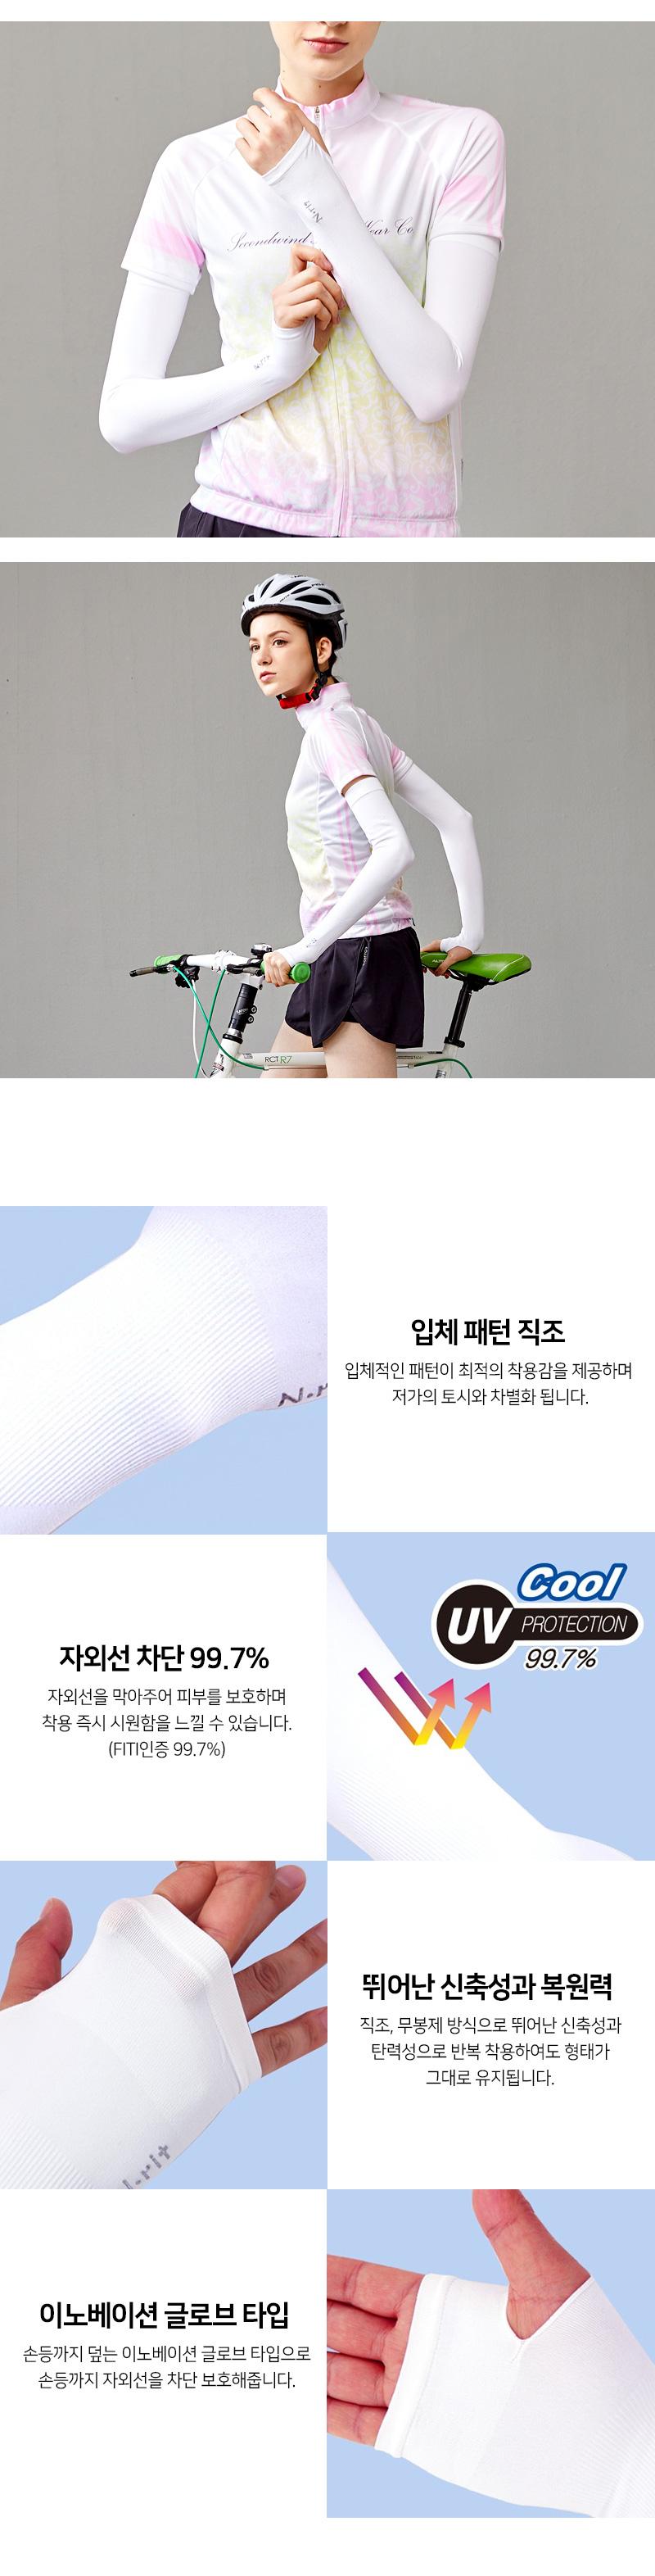 coolet__glove_a_02.jpg